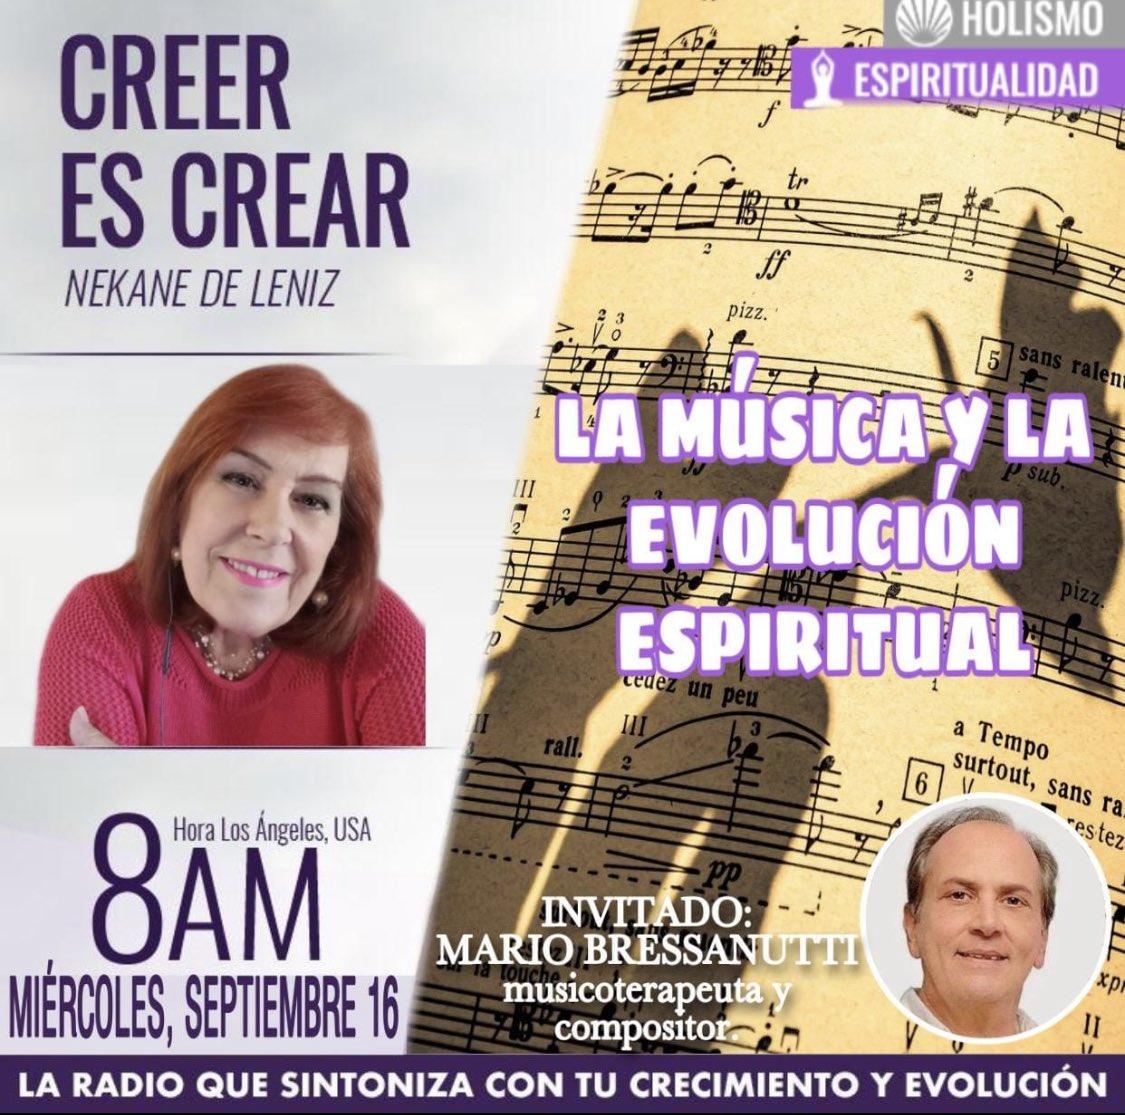 ¿Es importante la música en la evolución espiritual?. MAÑANA, 16 de septiembre de 2020, a las 11:00 am MIAMI y Venezuela; 8:00 (LA); 12:00 Argentina, 17:00 horas España, y 10 am Perú, en CREER ES CREAR, tenemos un invitado muy especial, . https://t.co/gXUPgM5trW